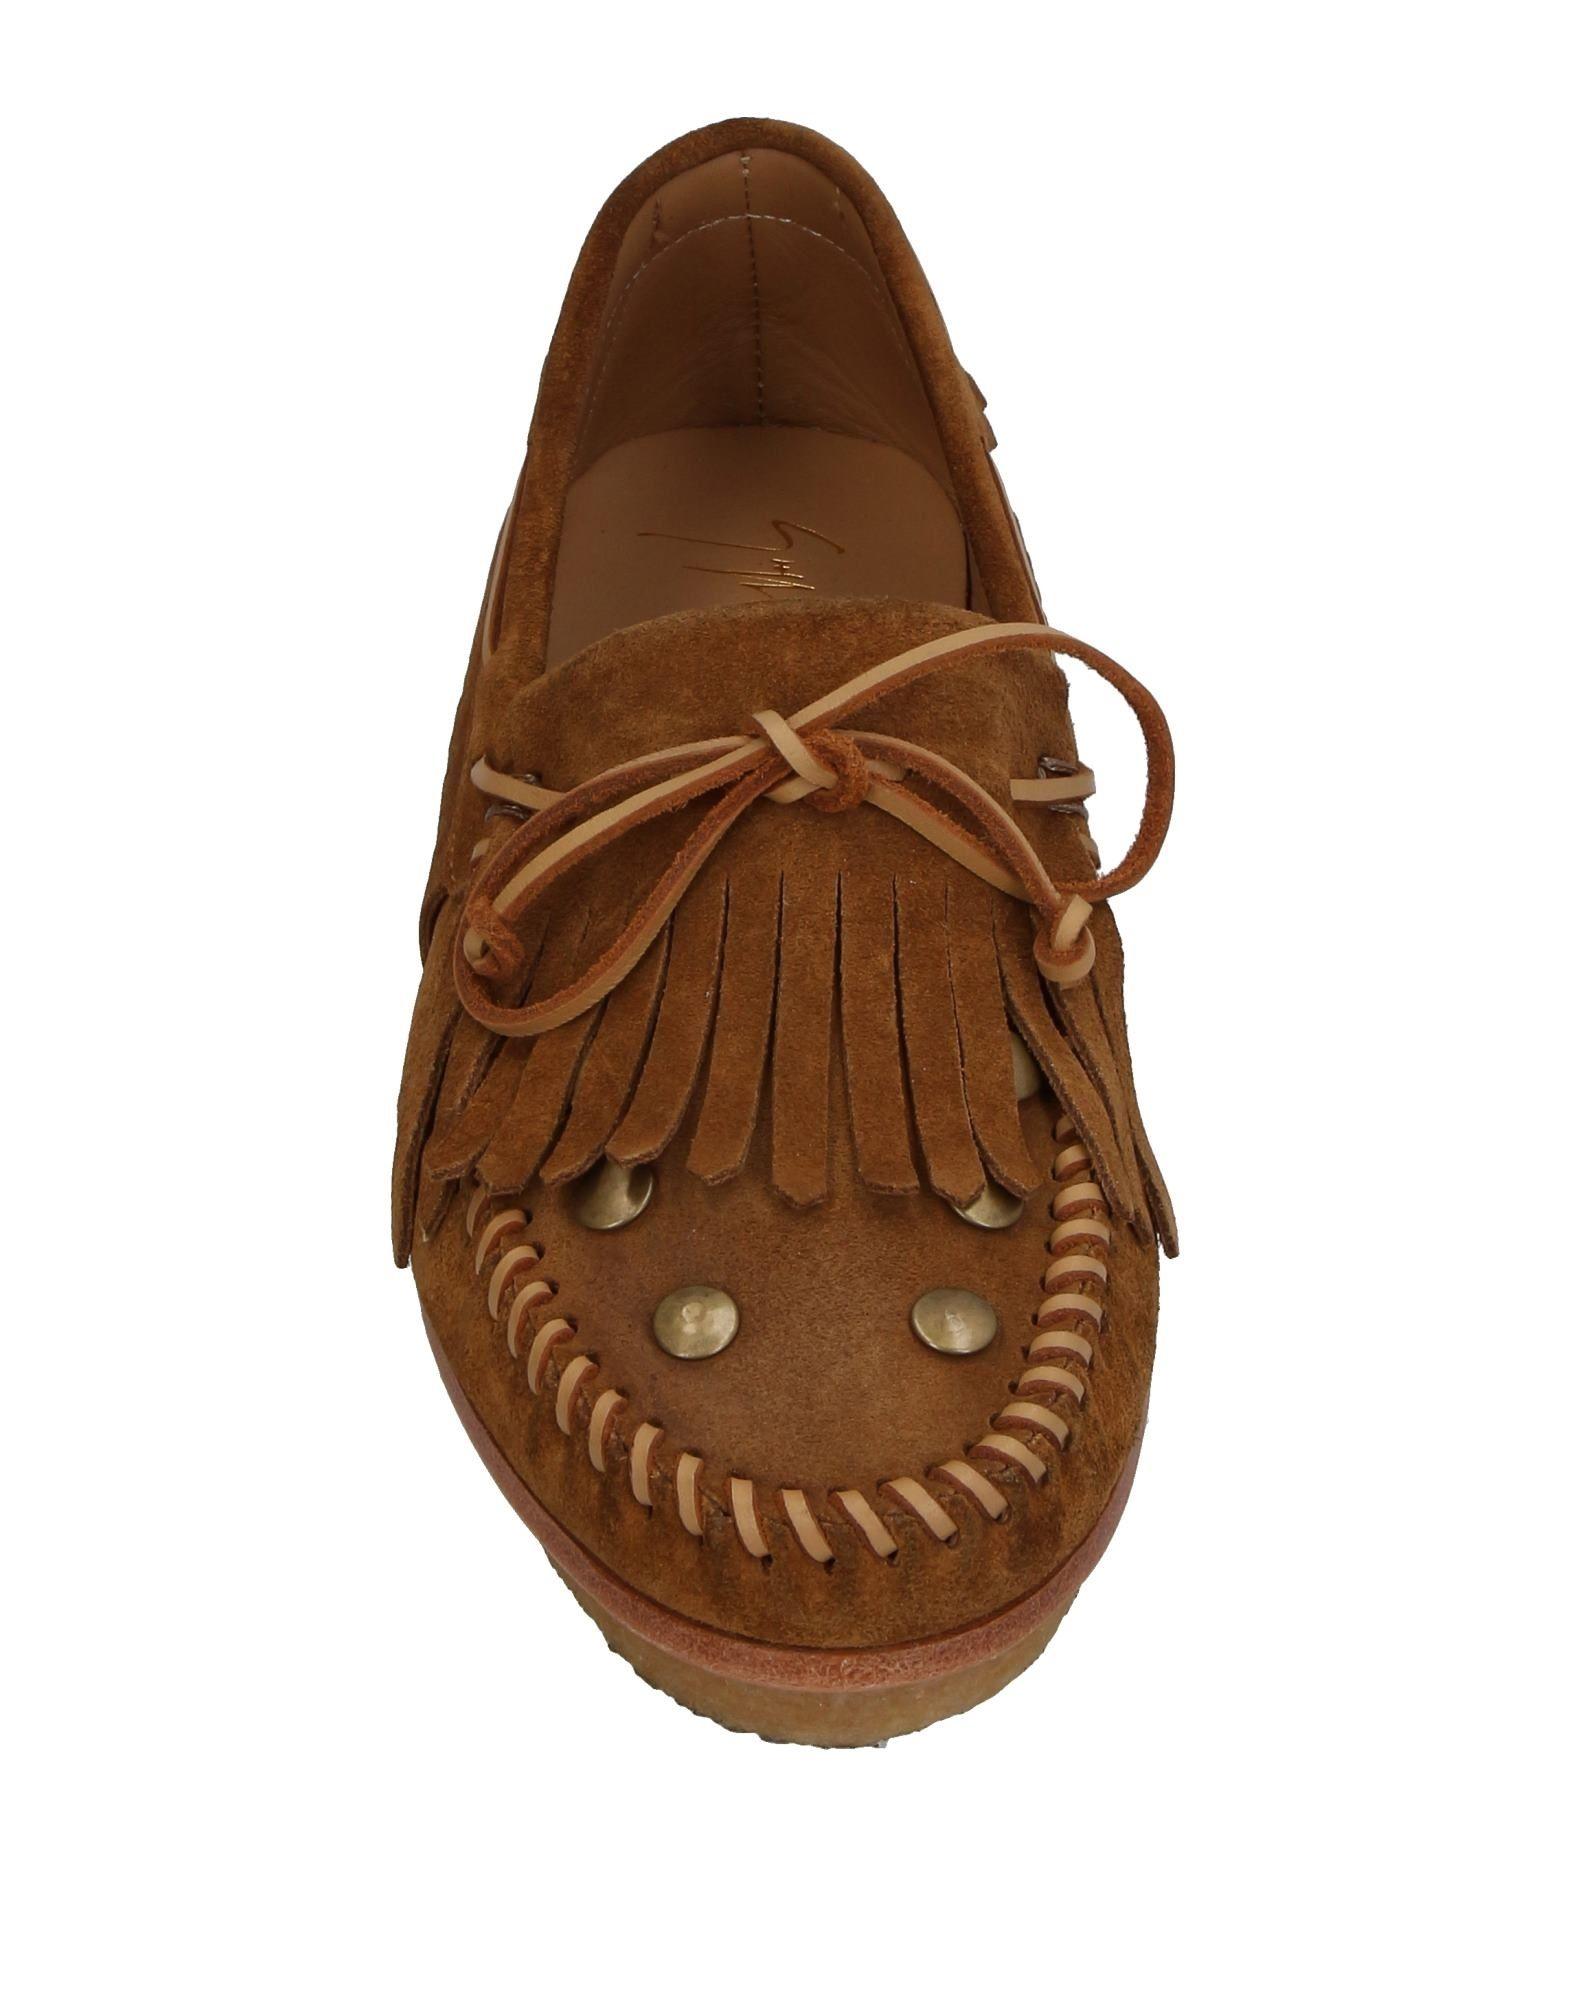 Giuseppe Zanotti Mokassins Qualität Herren  11399151QM Gute Qualität Mokassins beliebte Schuhe 23280b